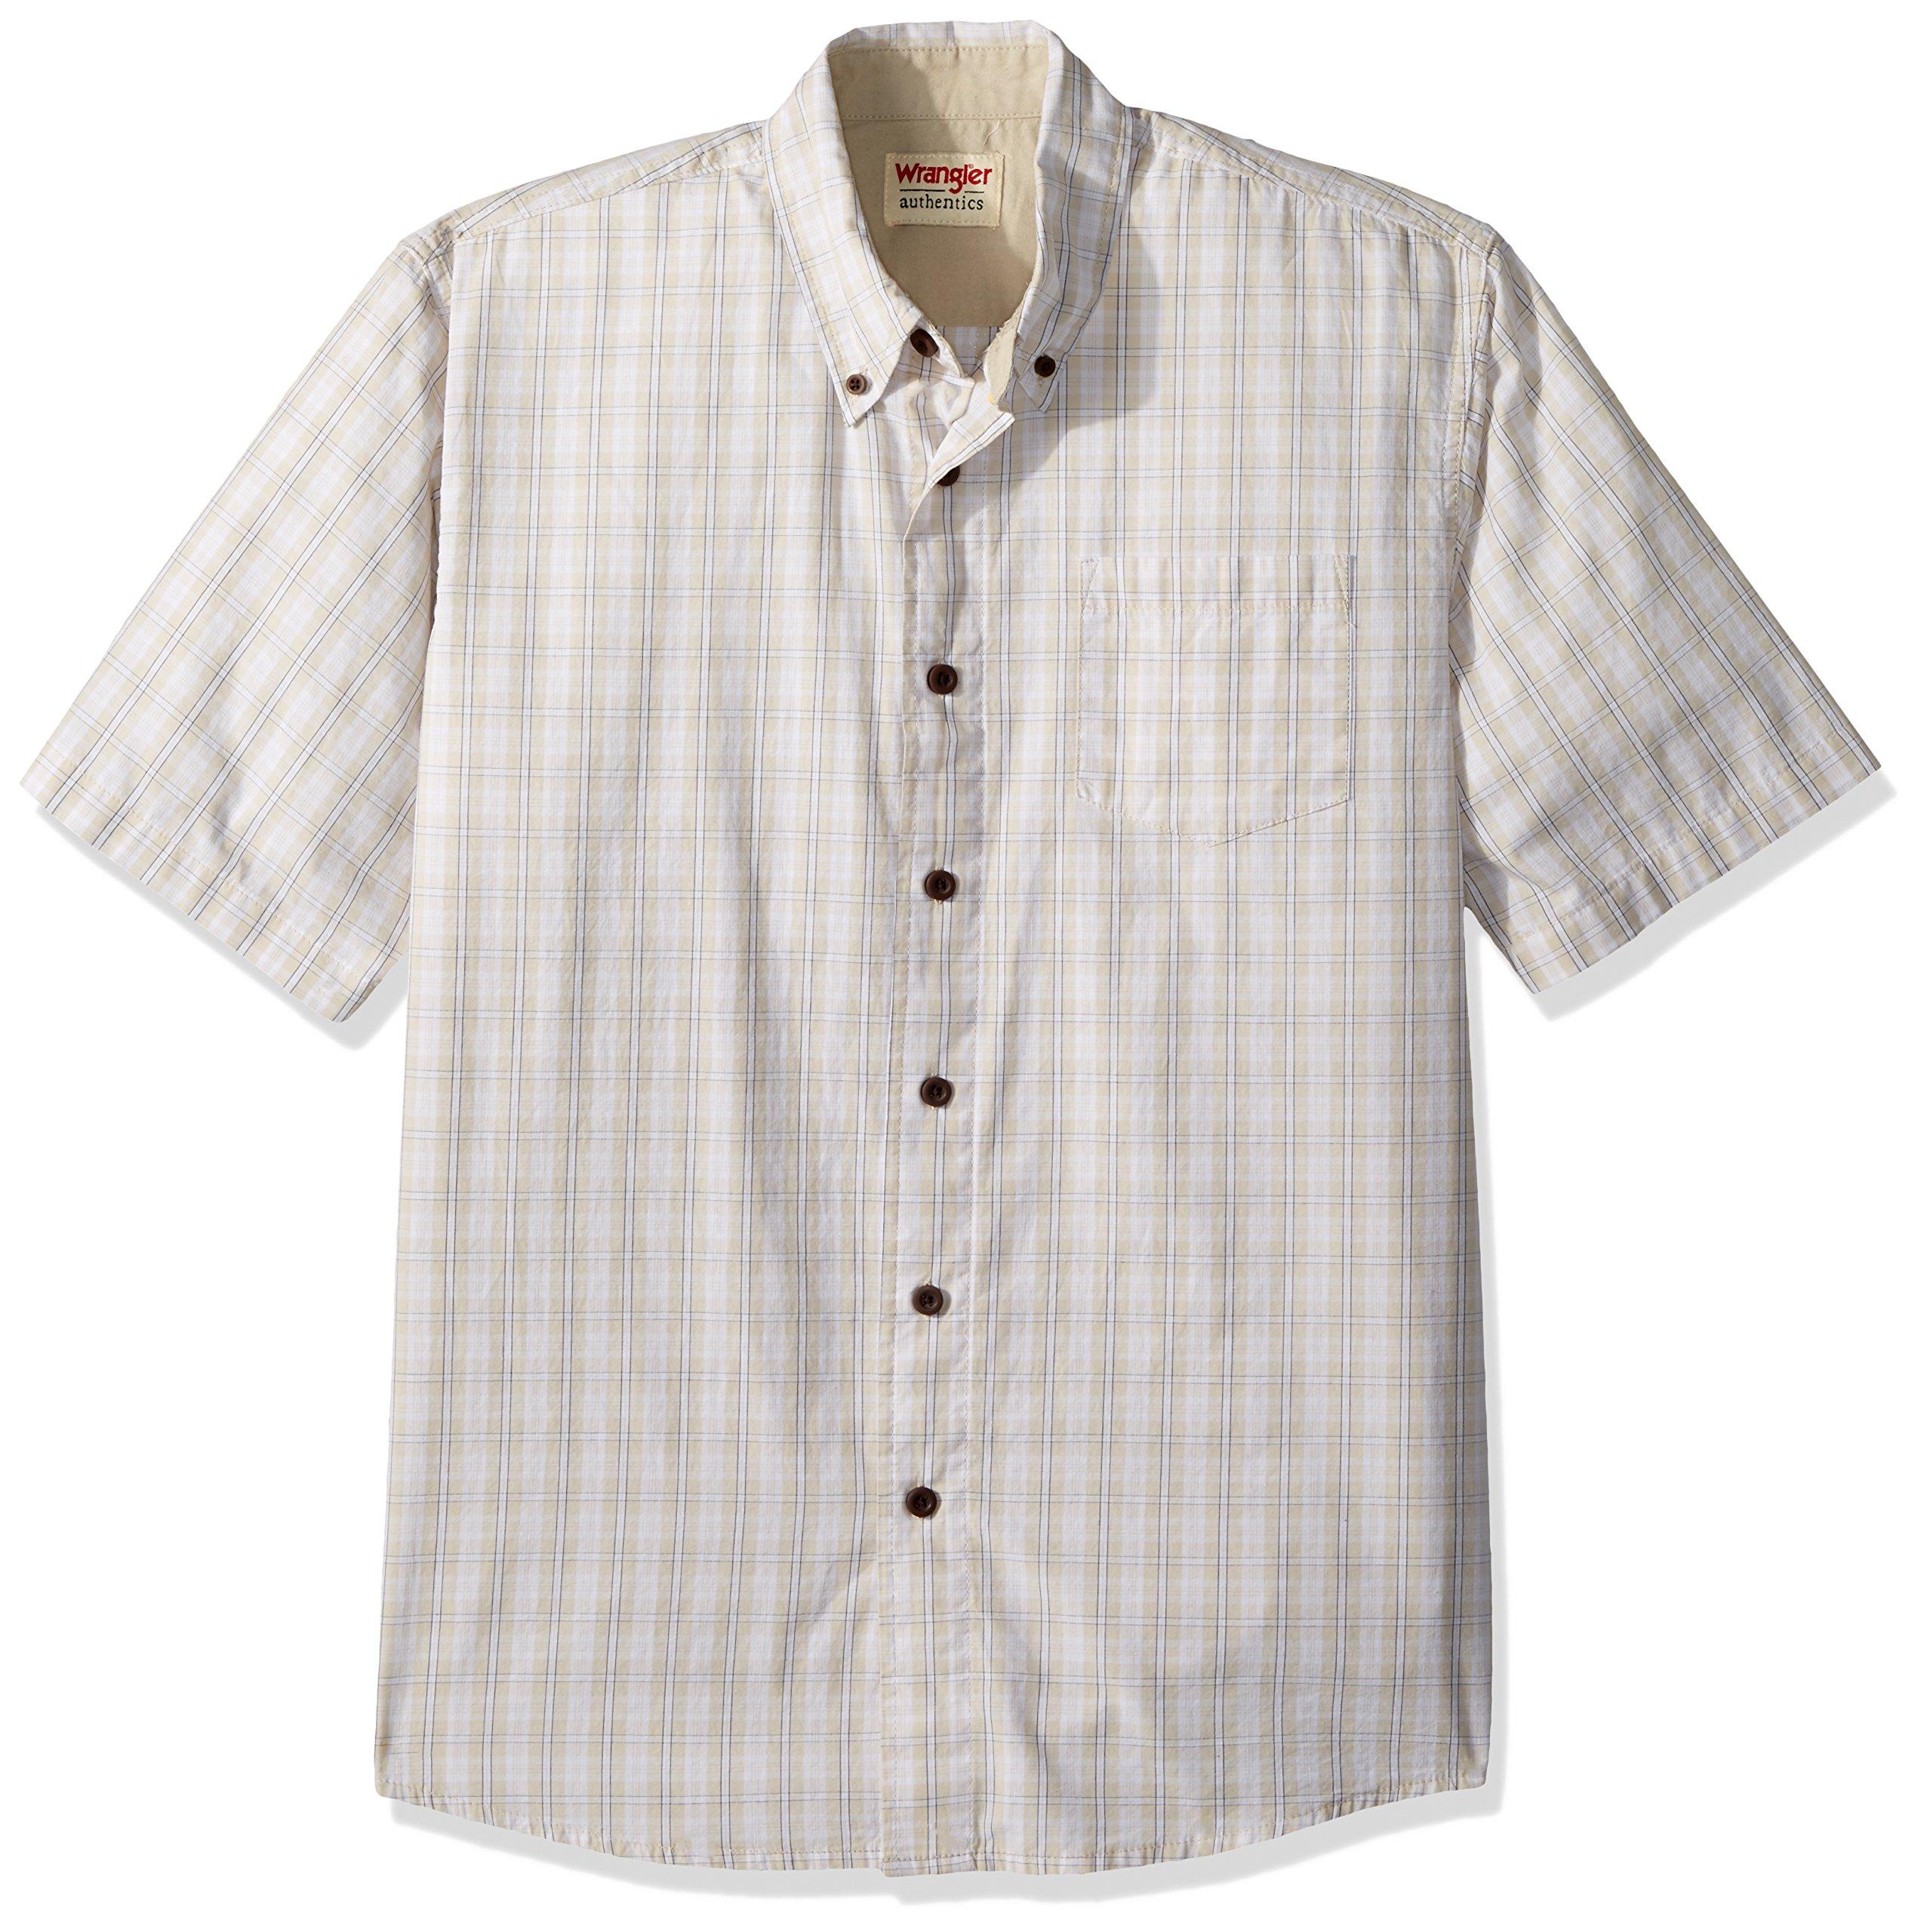 Wrangler Authentics Men's Short Sleeve Classic Plaid Shirt, drizzle, XL